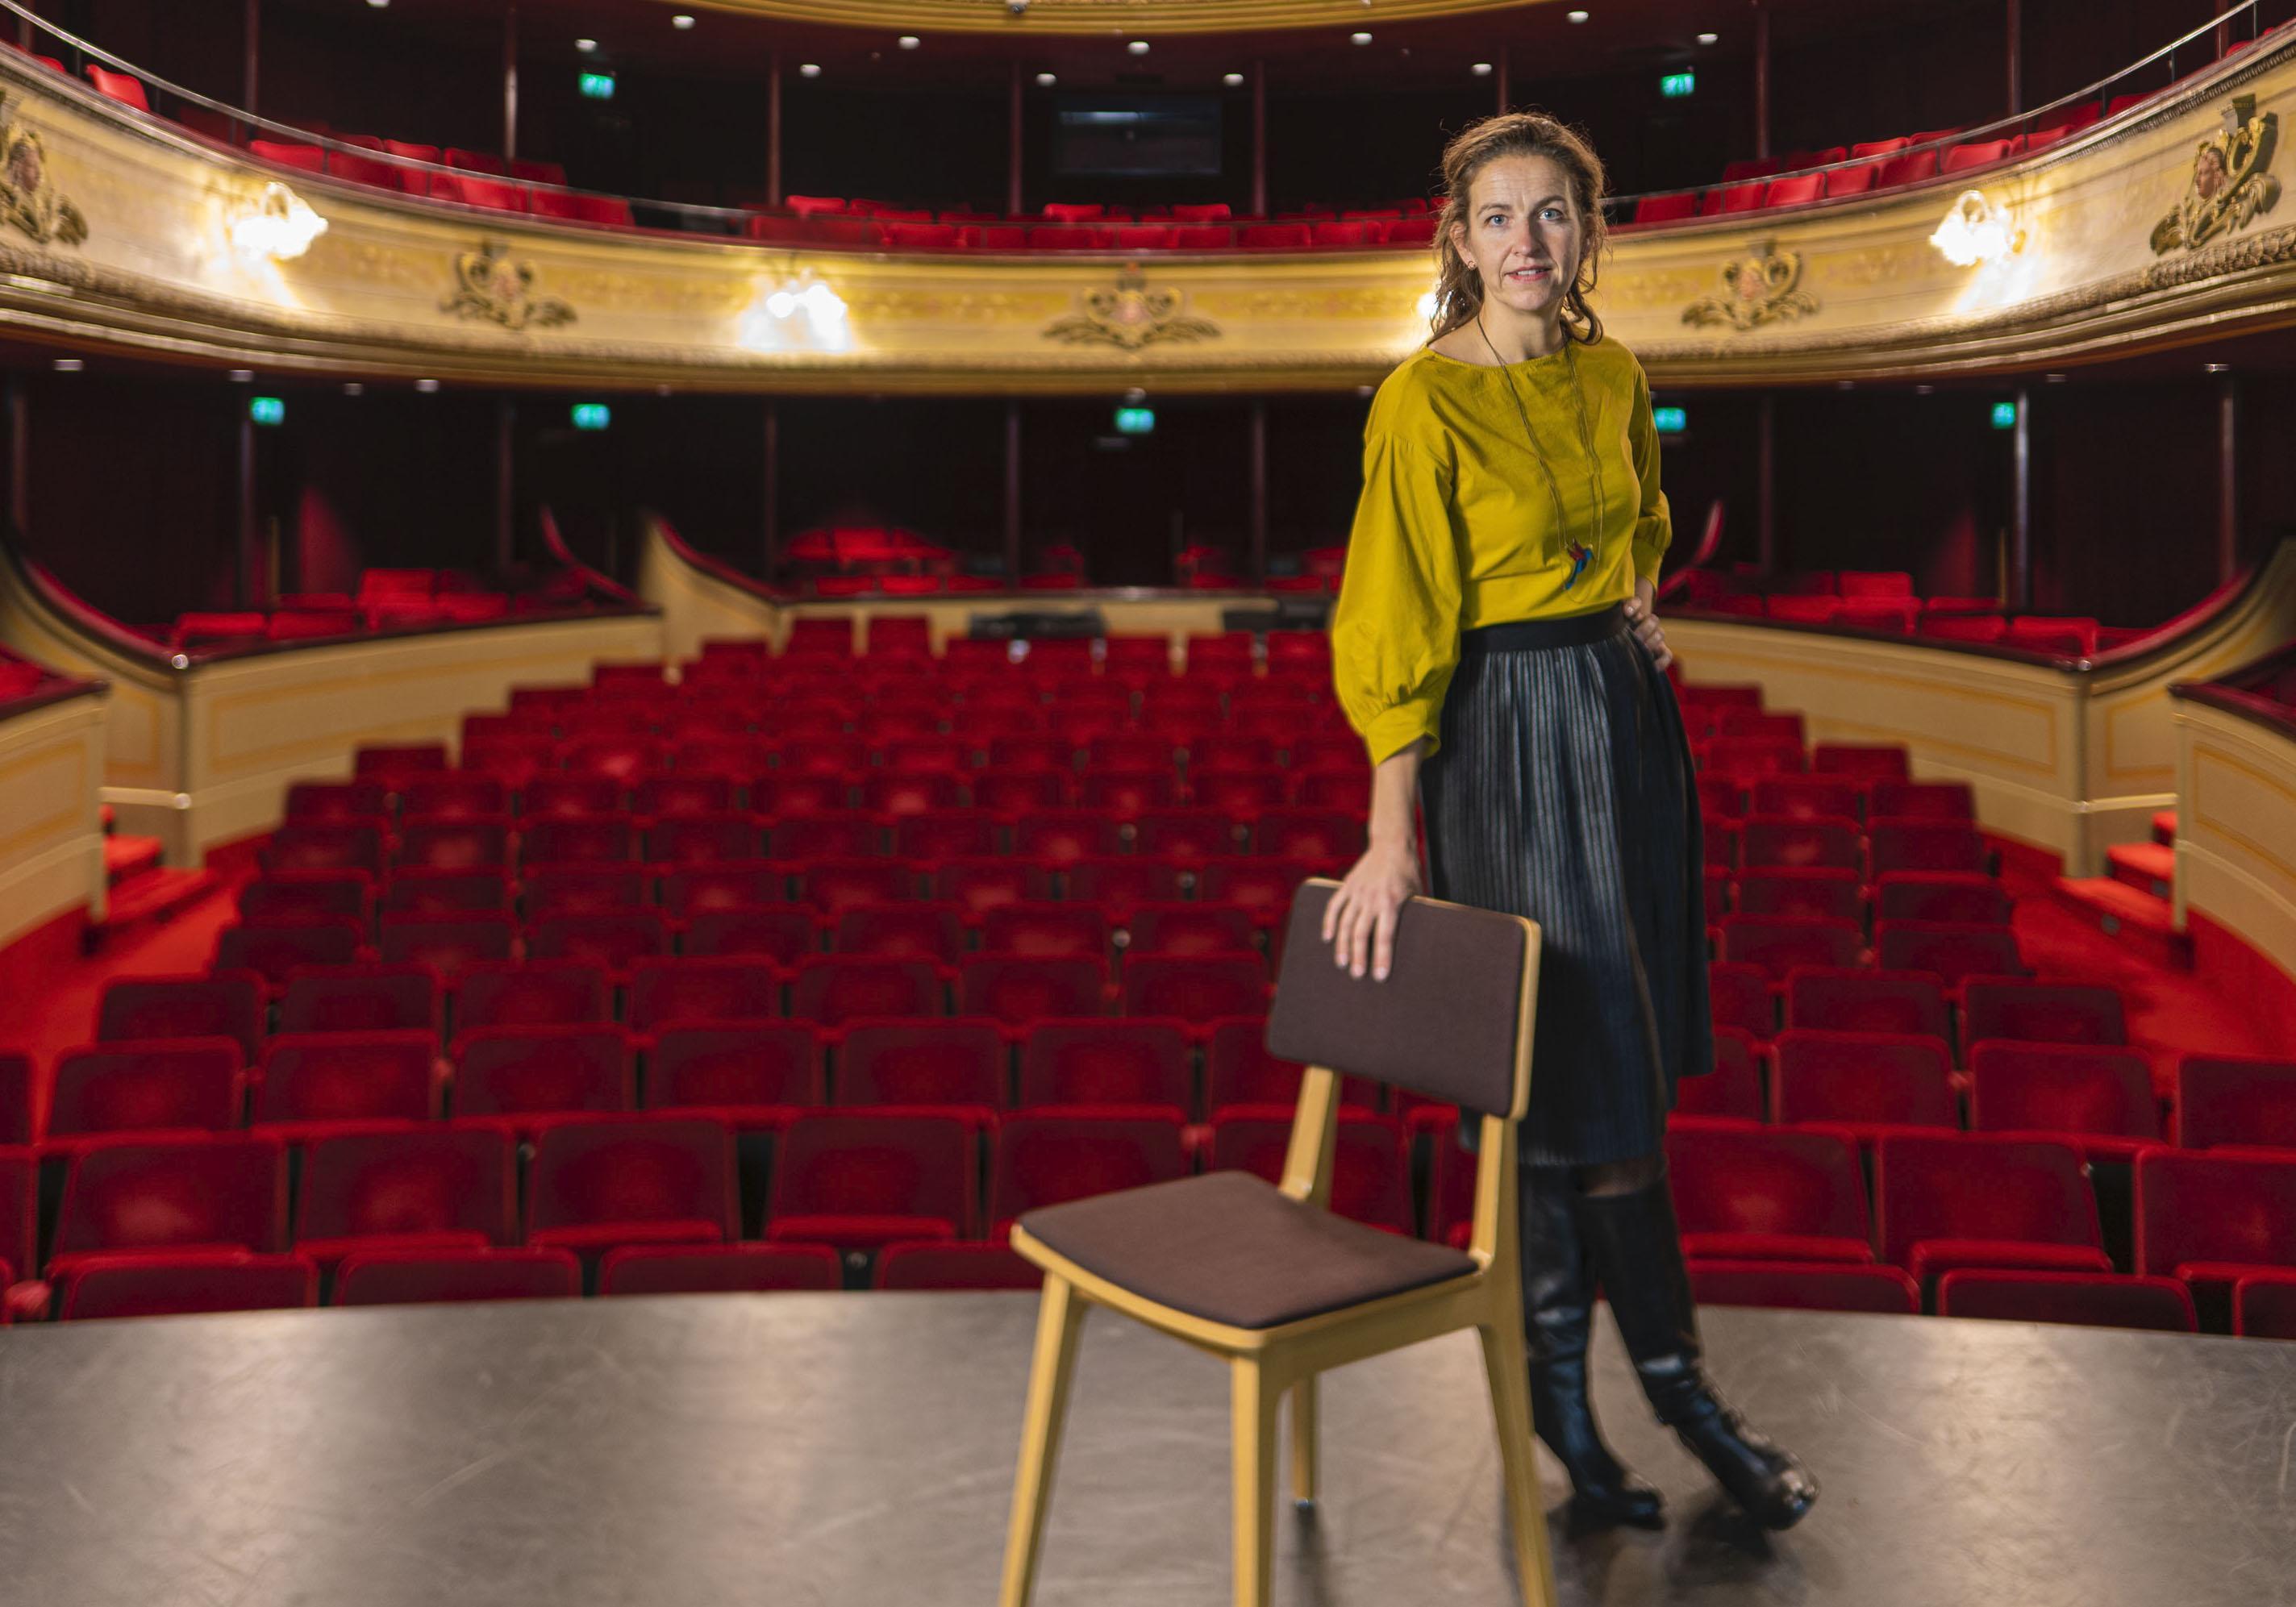 Leidse stadsdichter Marianne van Velzen gaat half jaar langer door, maar presenteert alvast bundel: 'Kan ik een gedicht schrijven over een patatzaak?' [video]